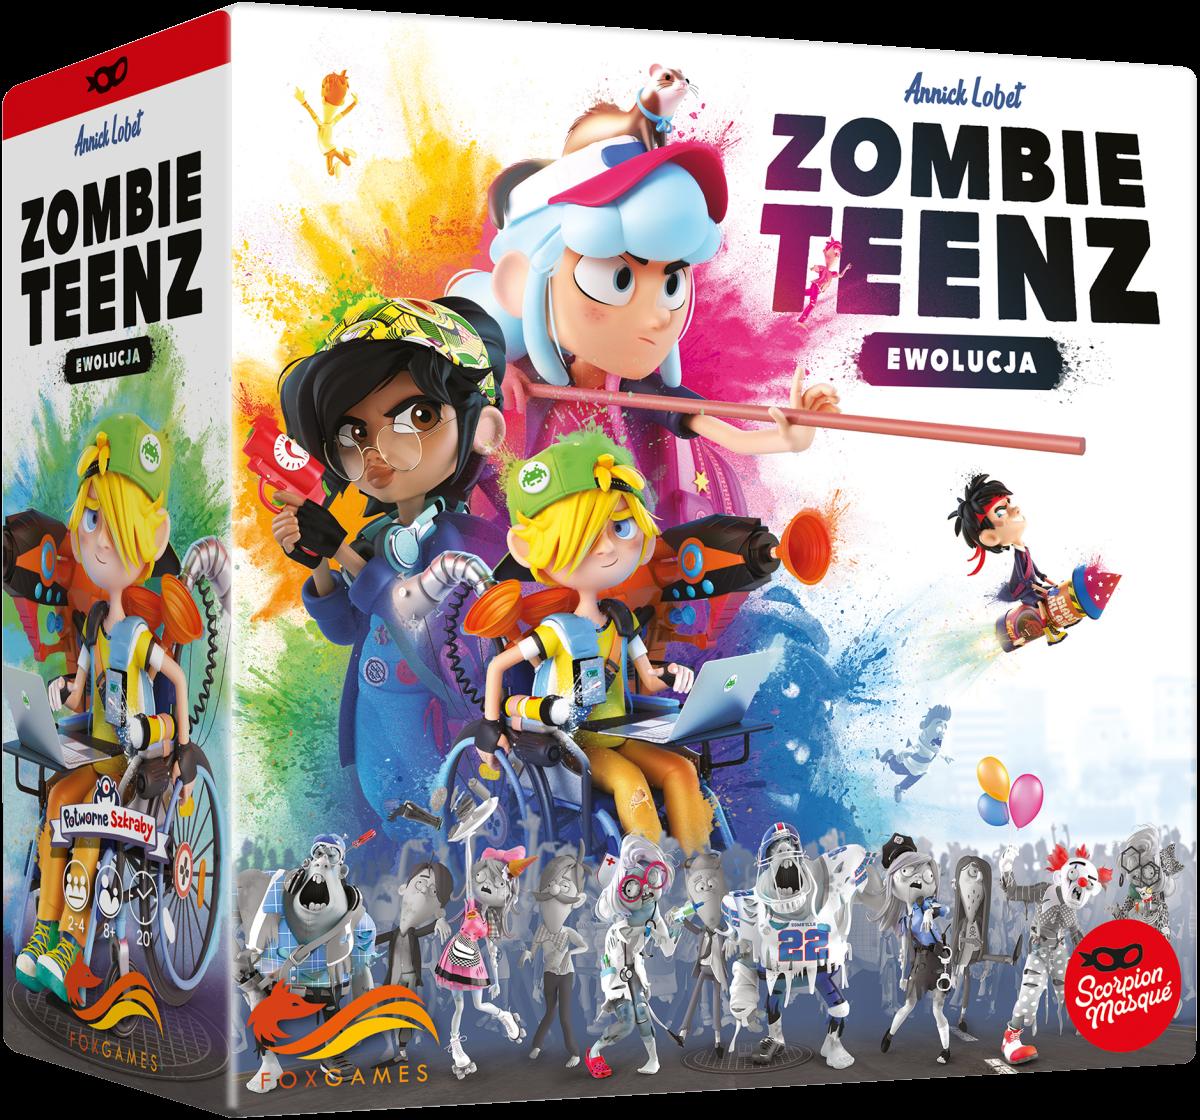 Zombie Teenz: Ewolucja - 1